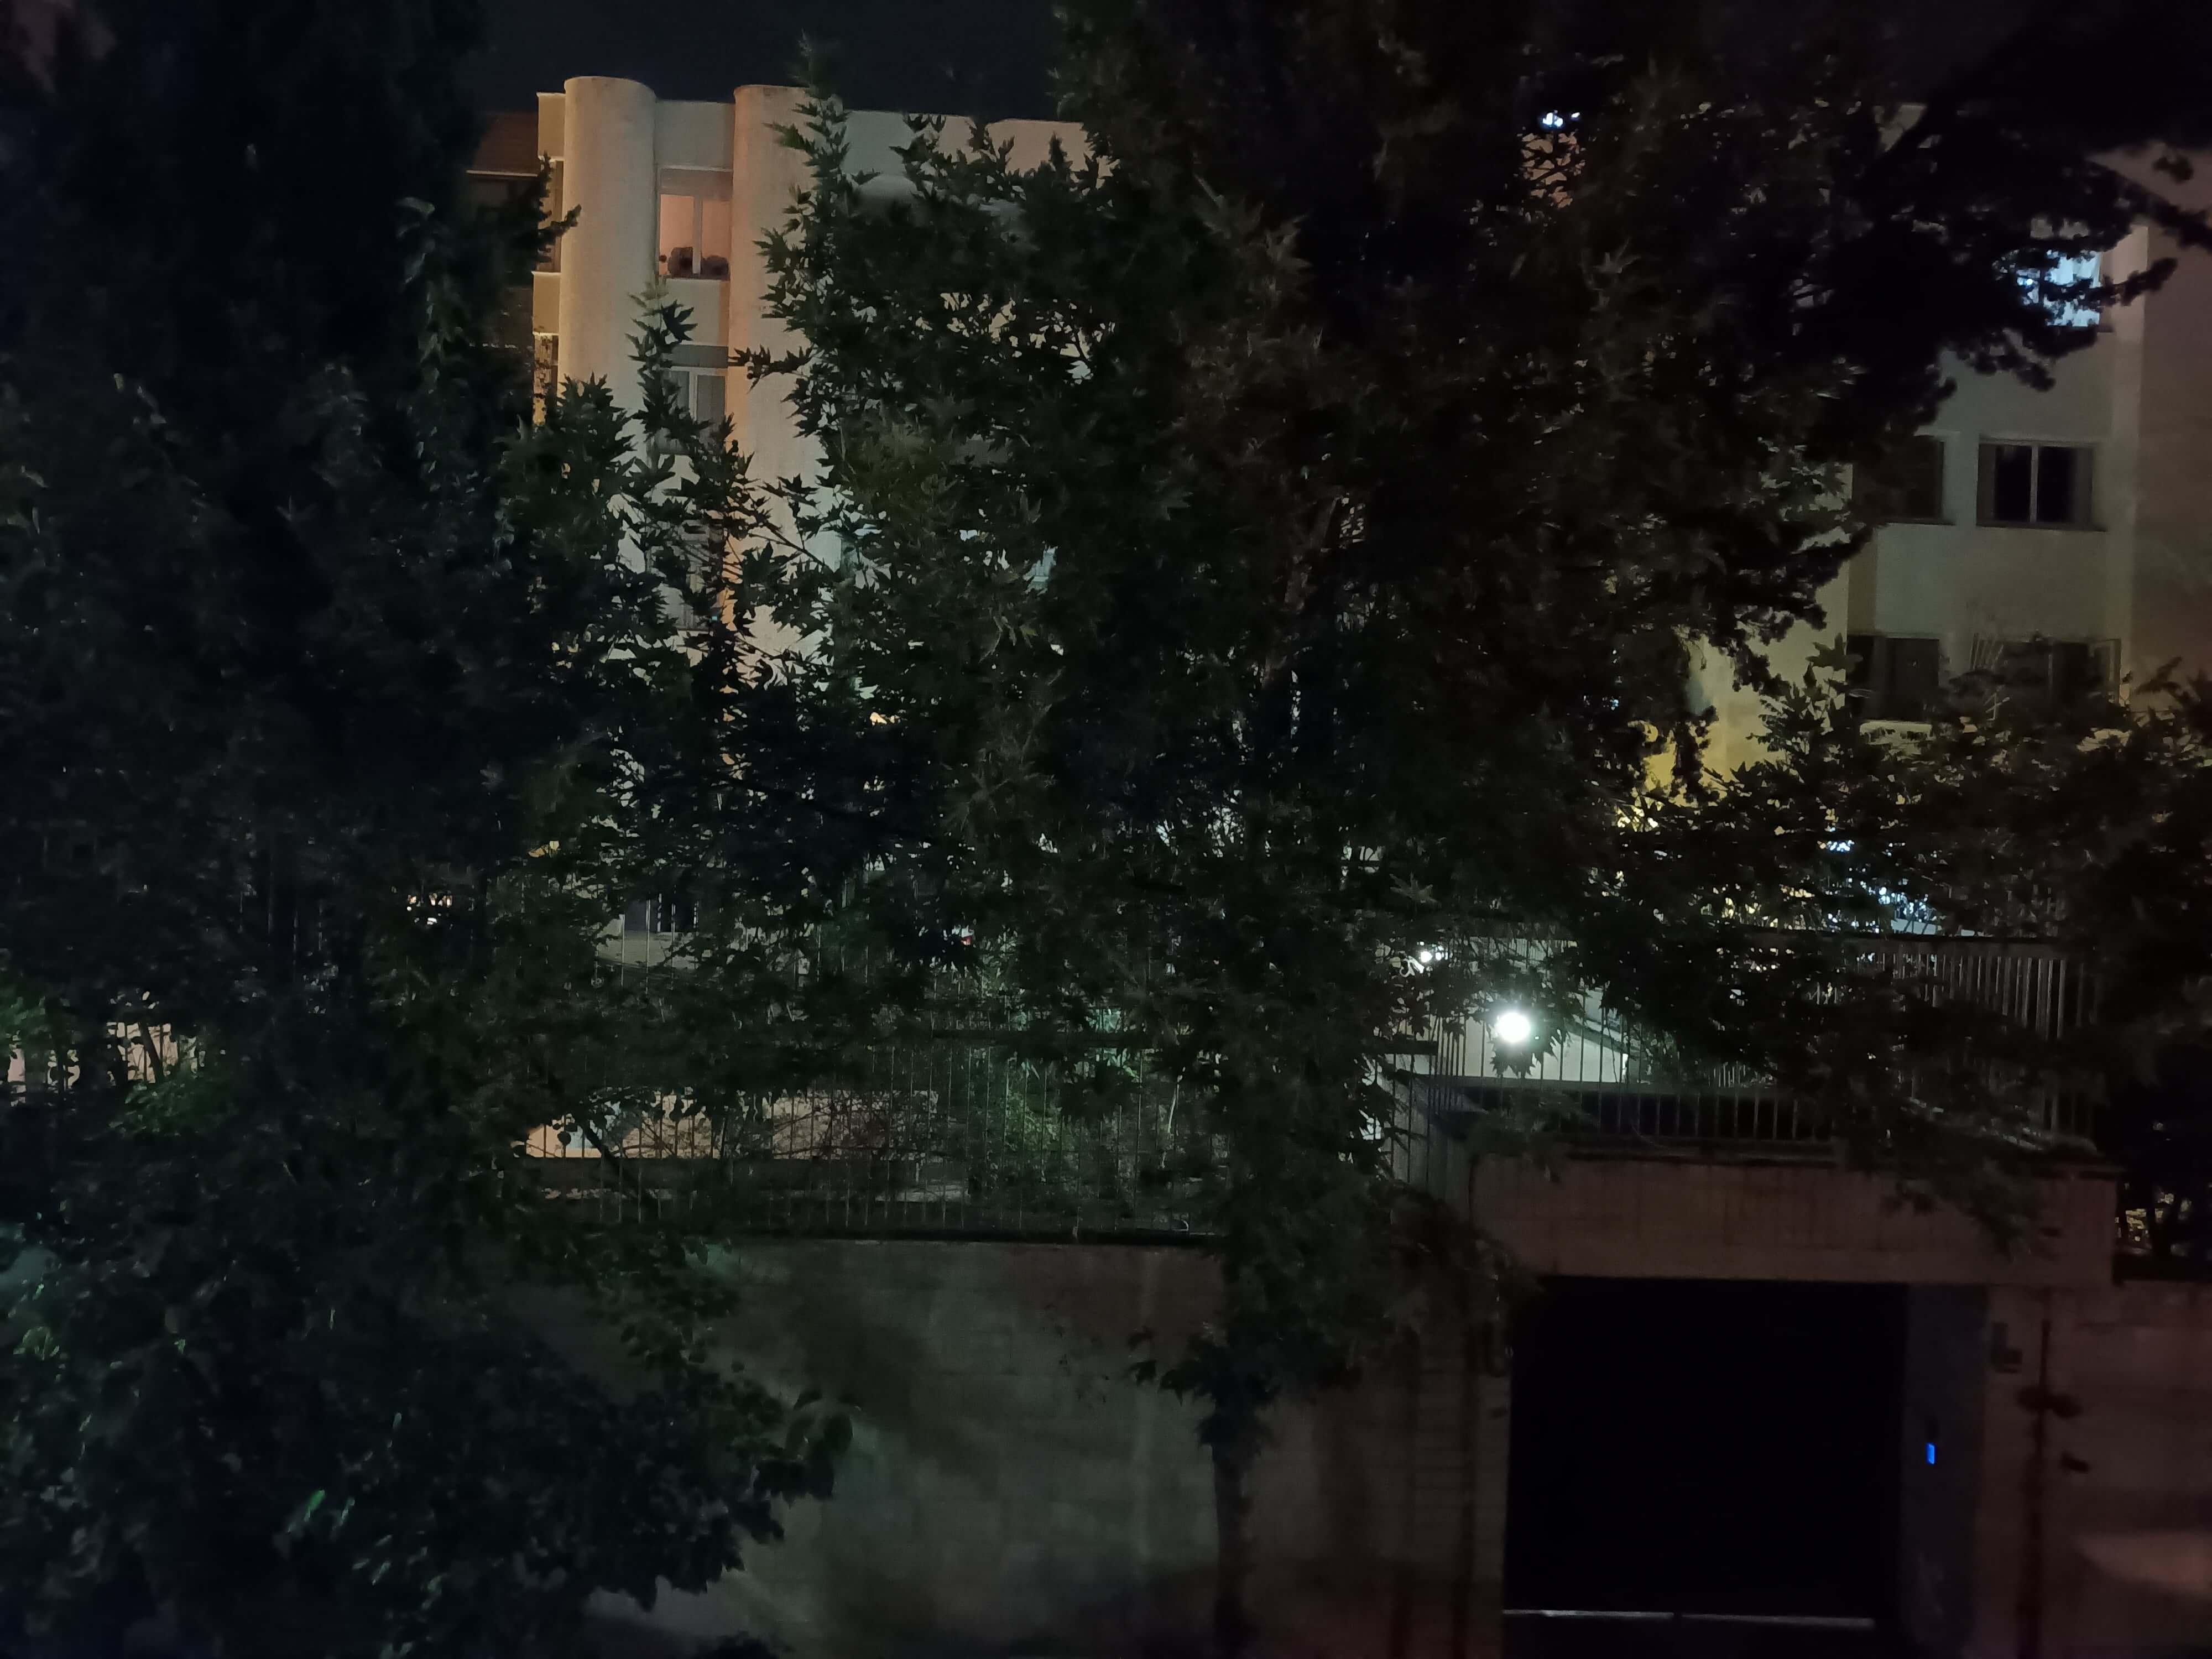 عکاسی در شب با a22 5g